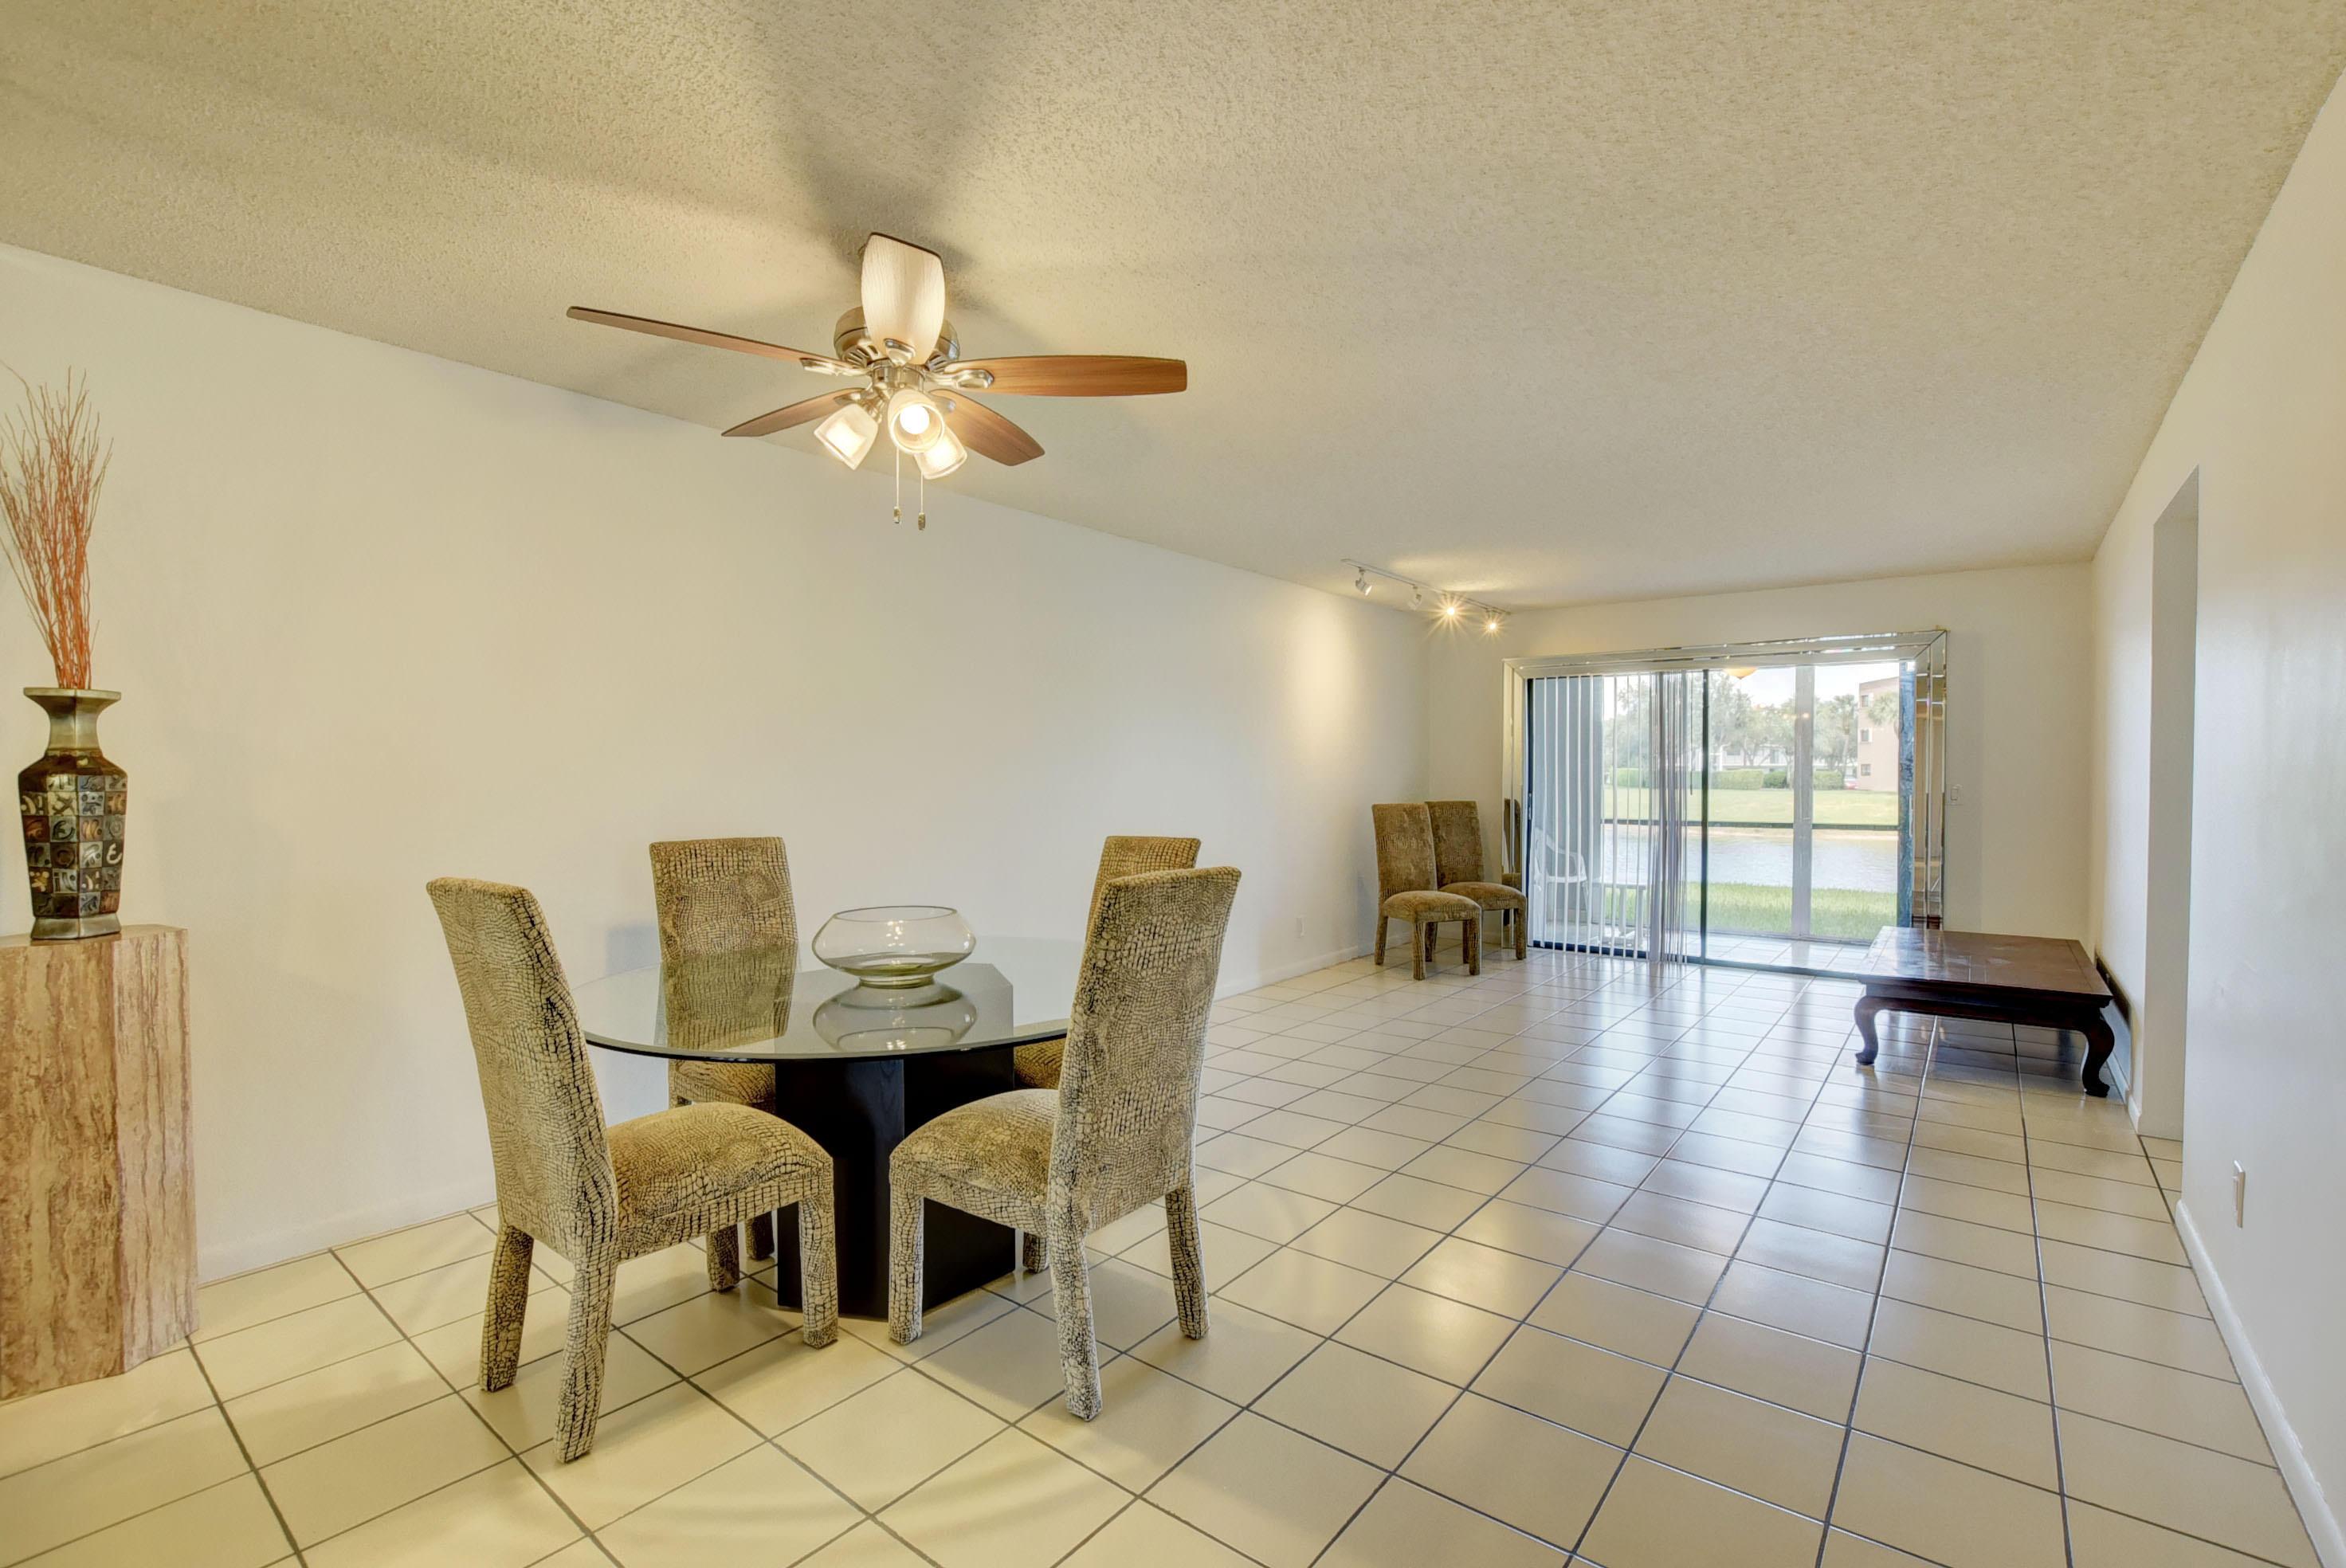 15235 Lakes Of Delray Boulevard 293 Delray Beach, FL 33484 photo 5